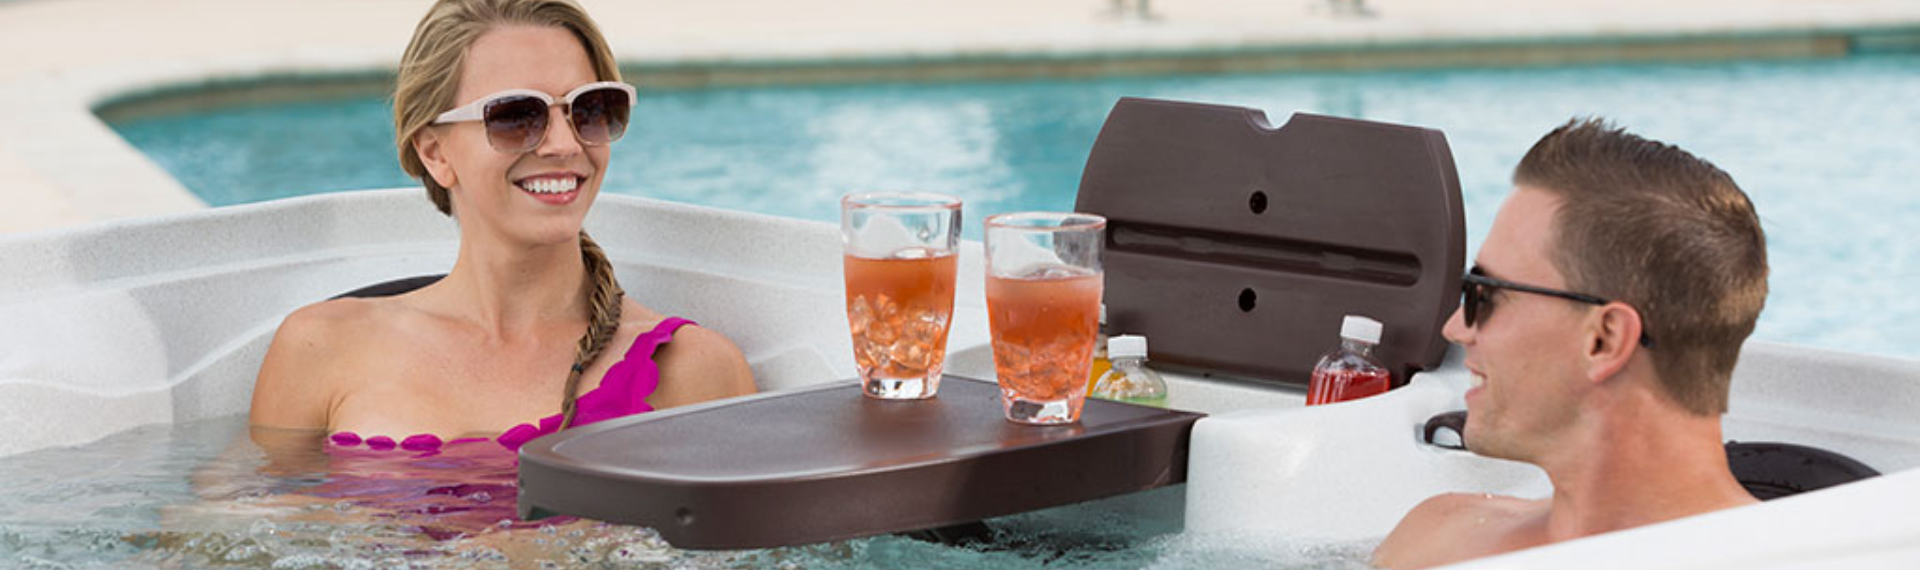 Cabana Suite Hot Tub